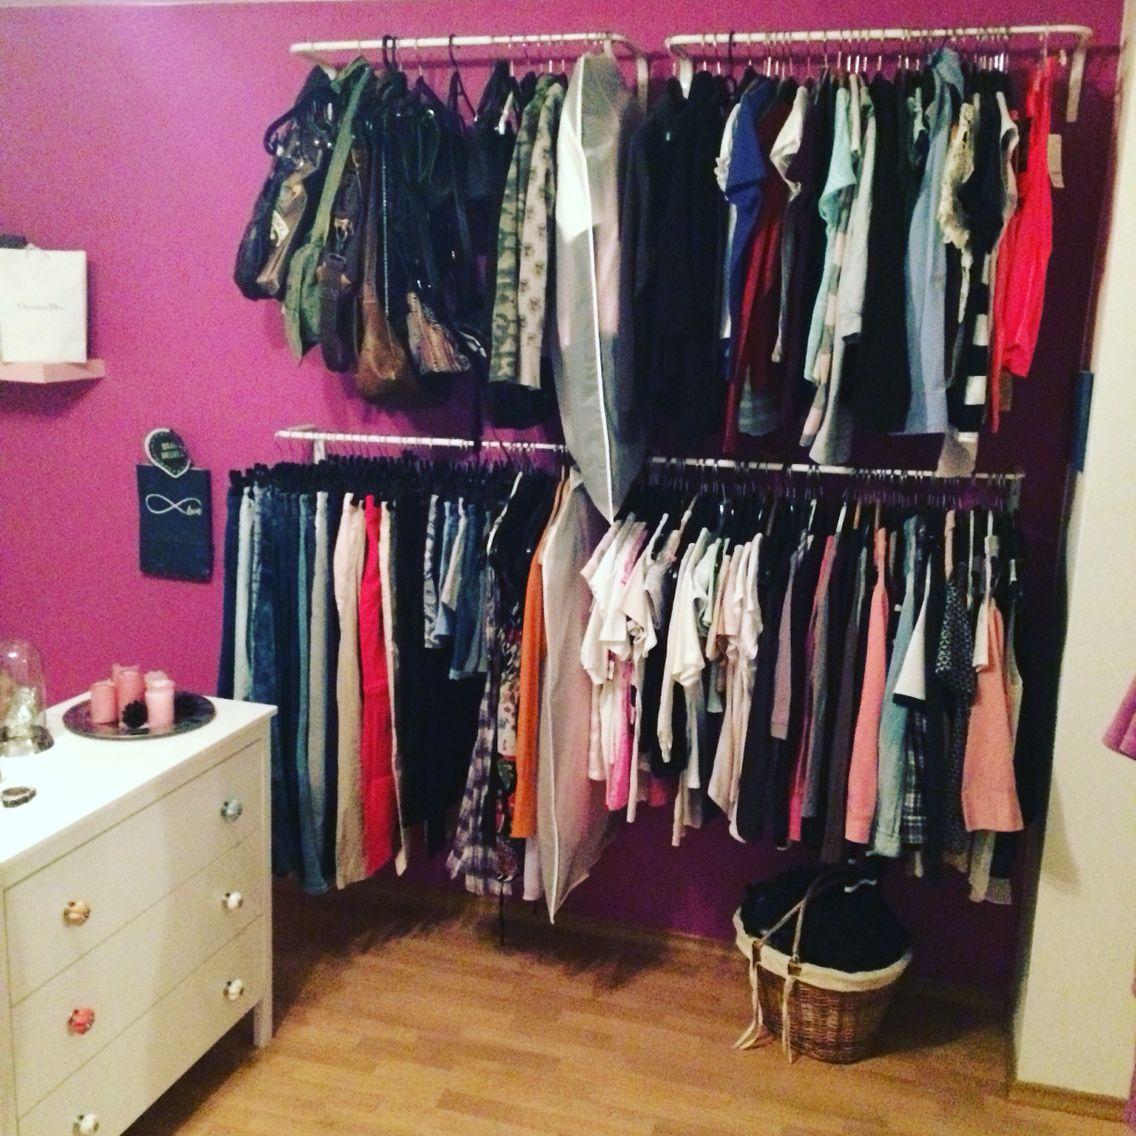 Kleiderschrank, closet